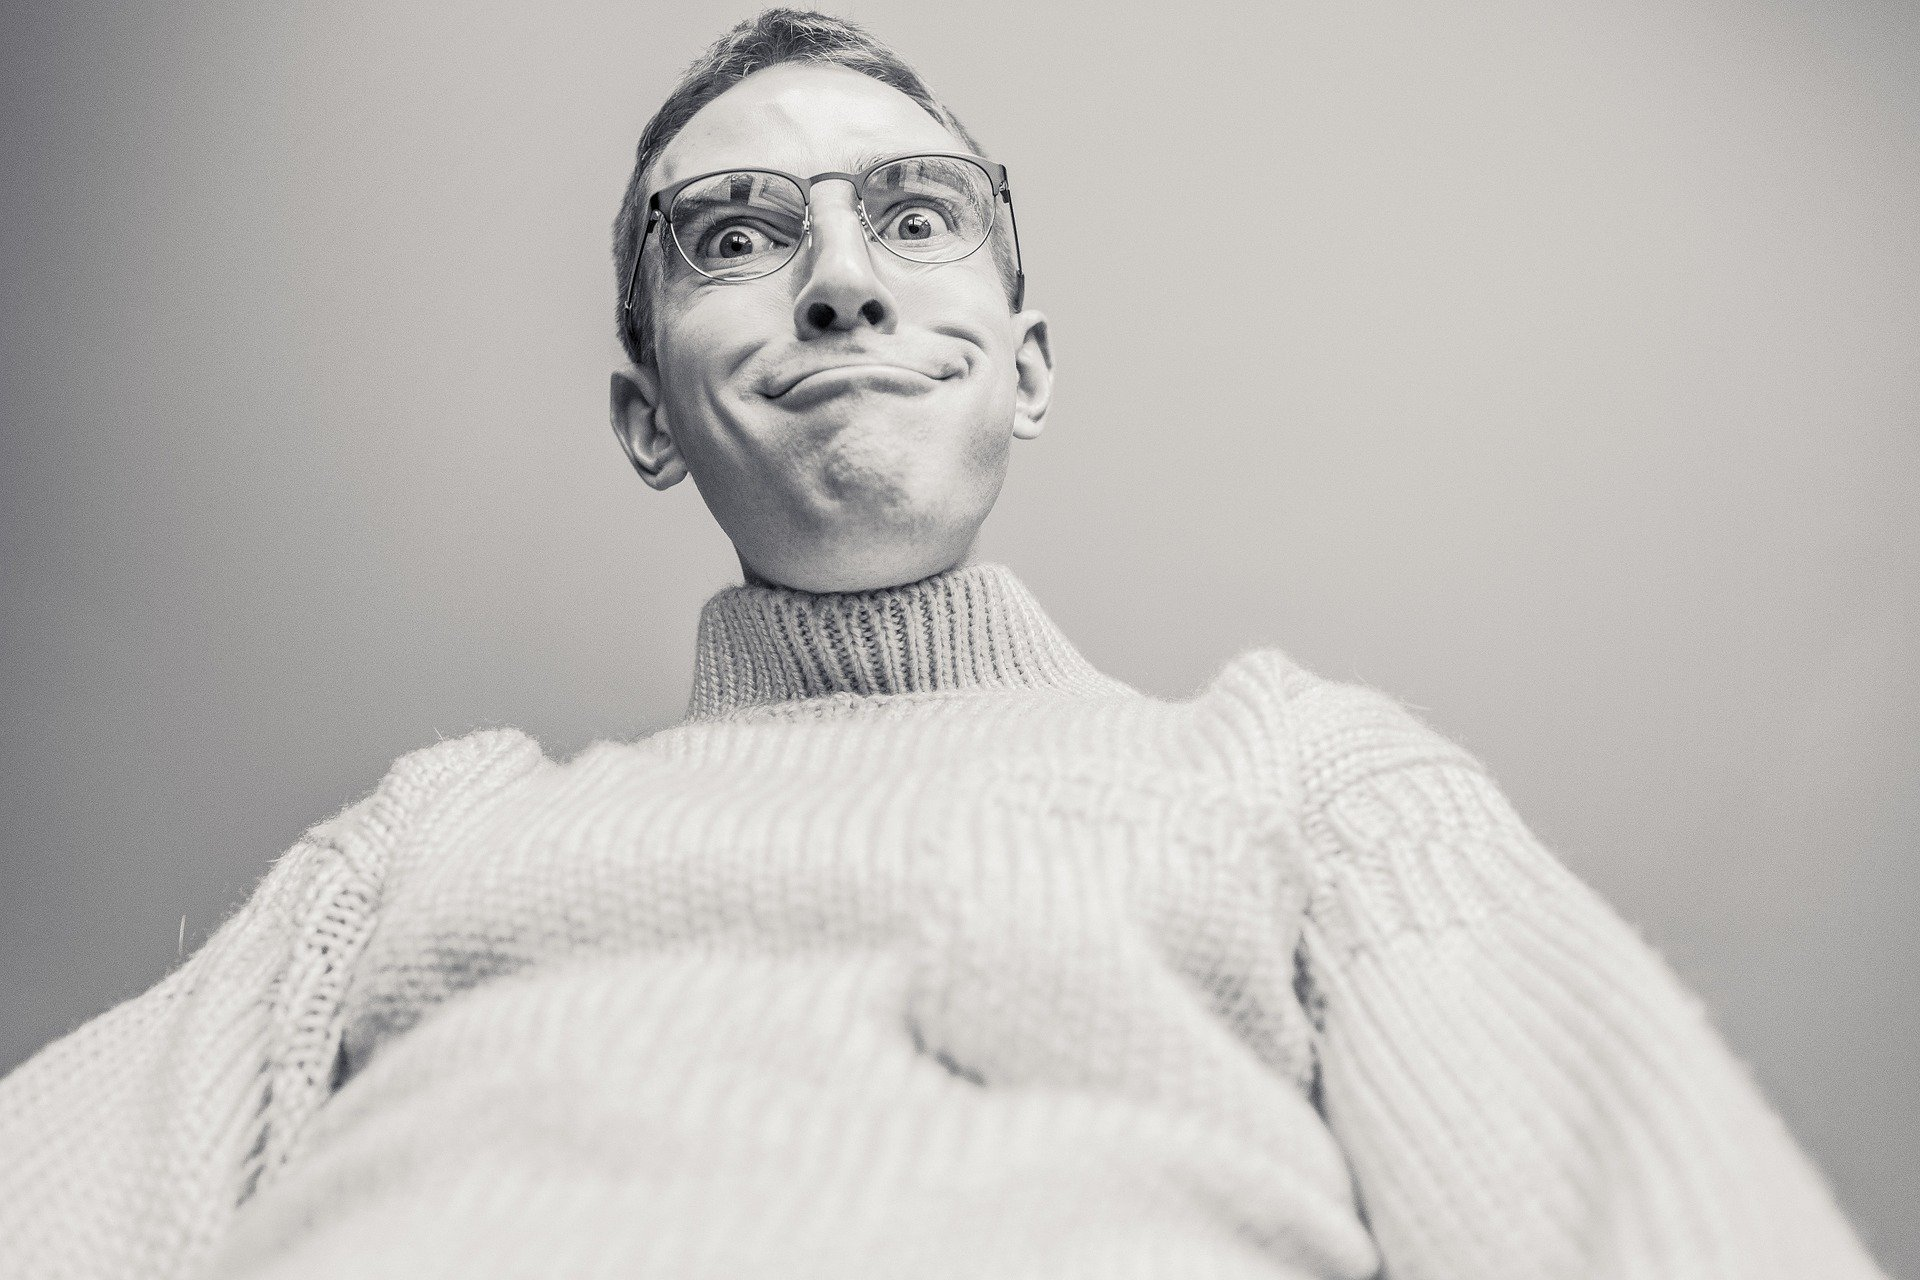 Il ruolo dell'umorismo in cure palliative